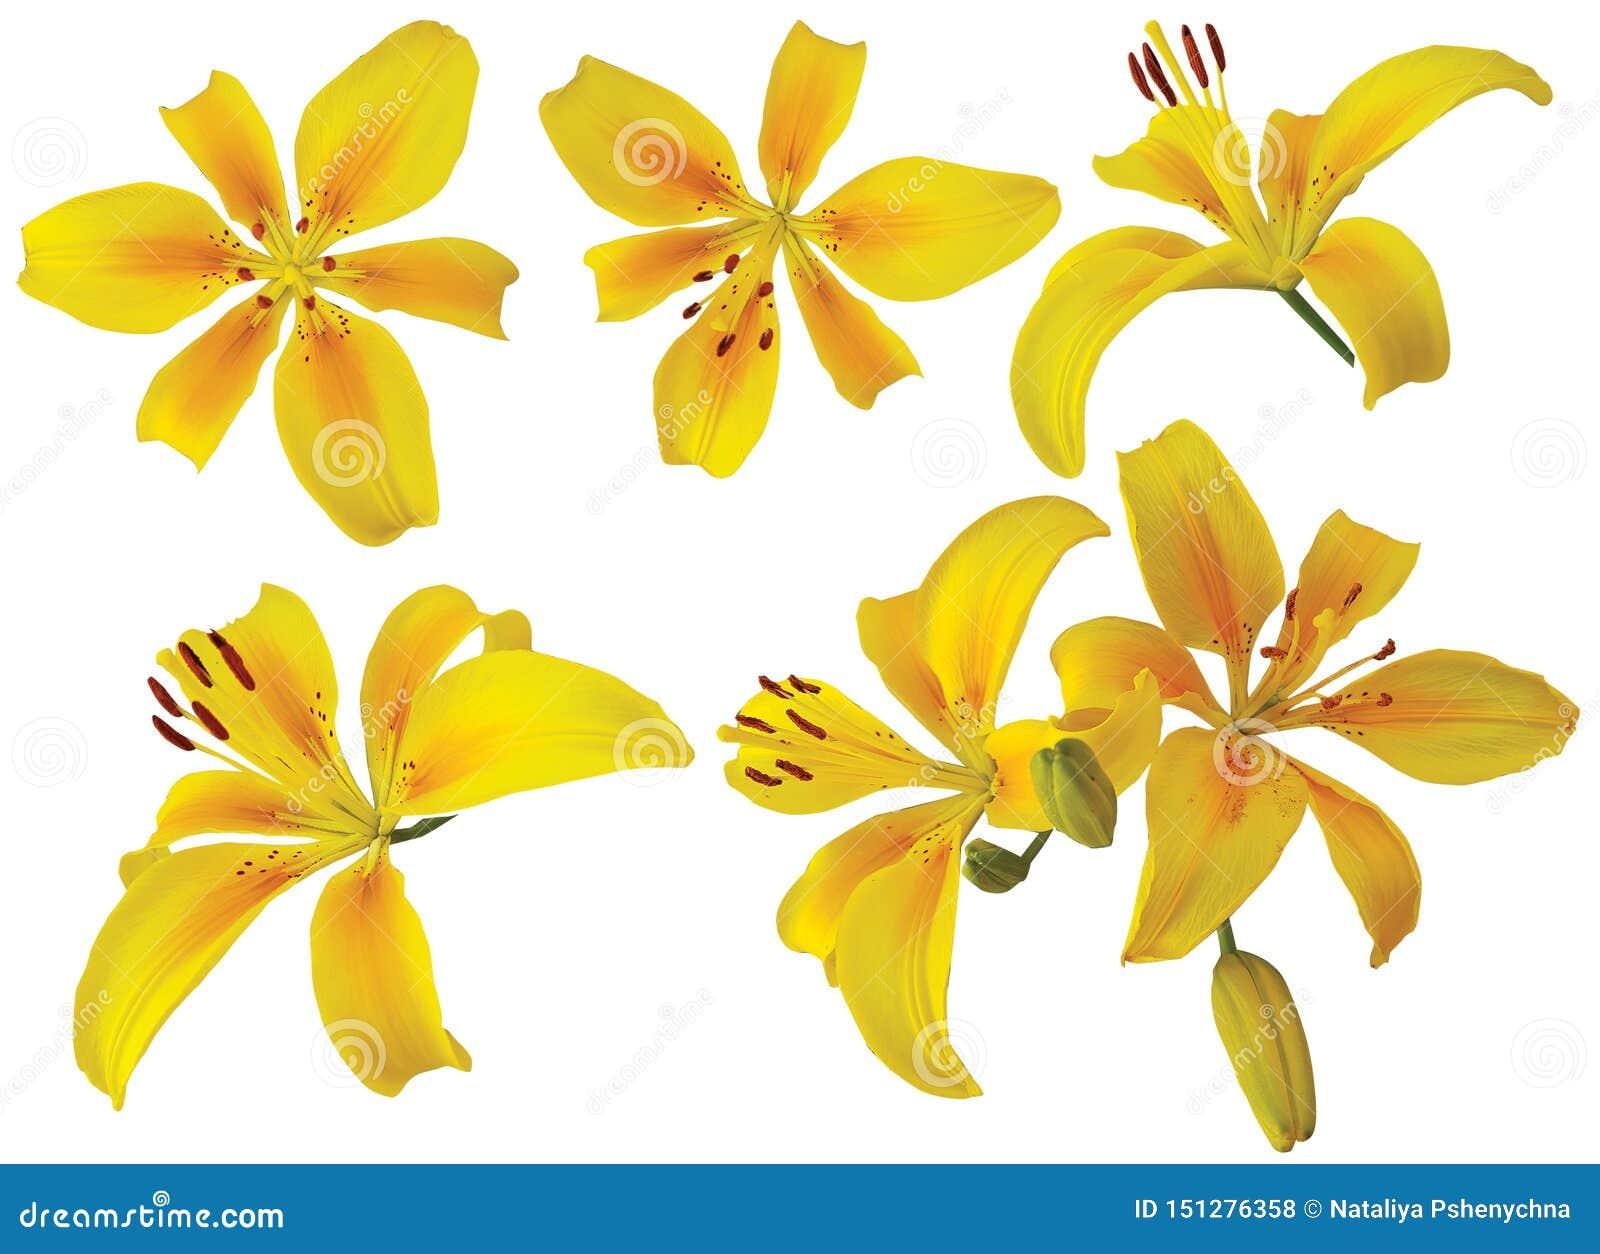 在白色背景的唯一黄色百合花